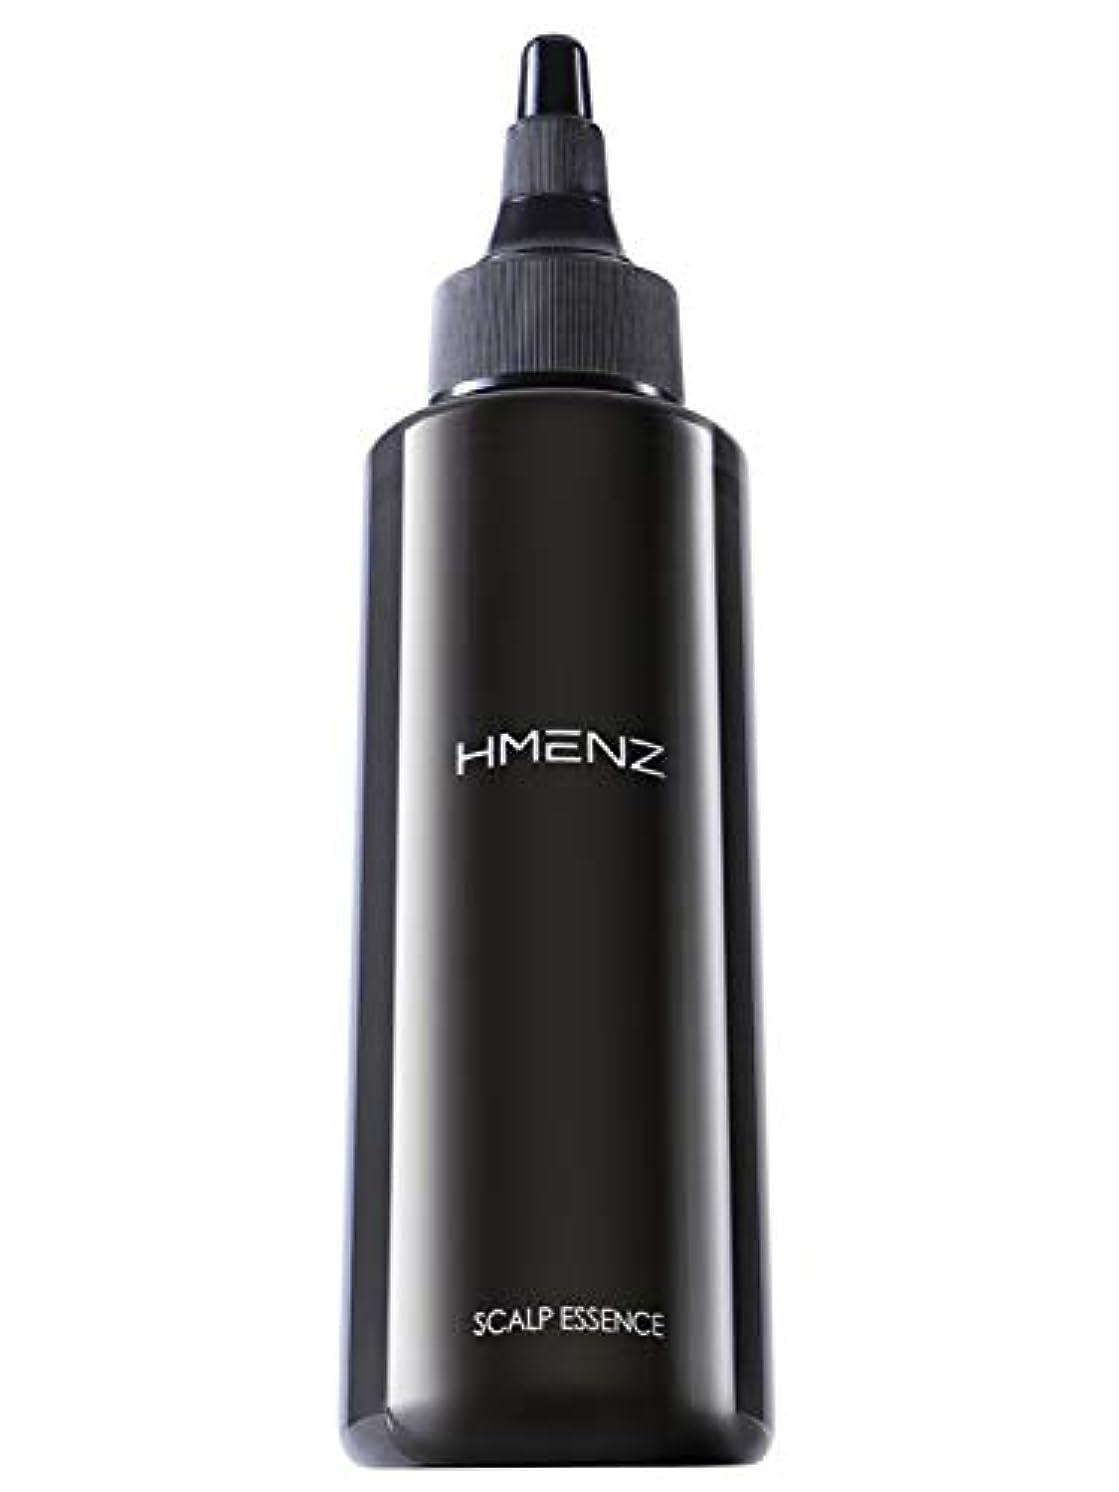 歩道敵ハチ医薬部外品 HMENZ メンズ 育毛剤 スカルプエッセンス 毛髪エイジングケアシリーズ 和漢根 海藻配合 育毛トニック 120ml